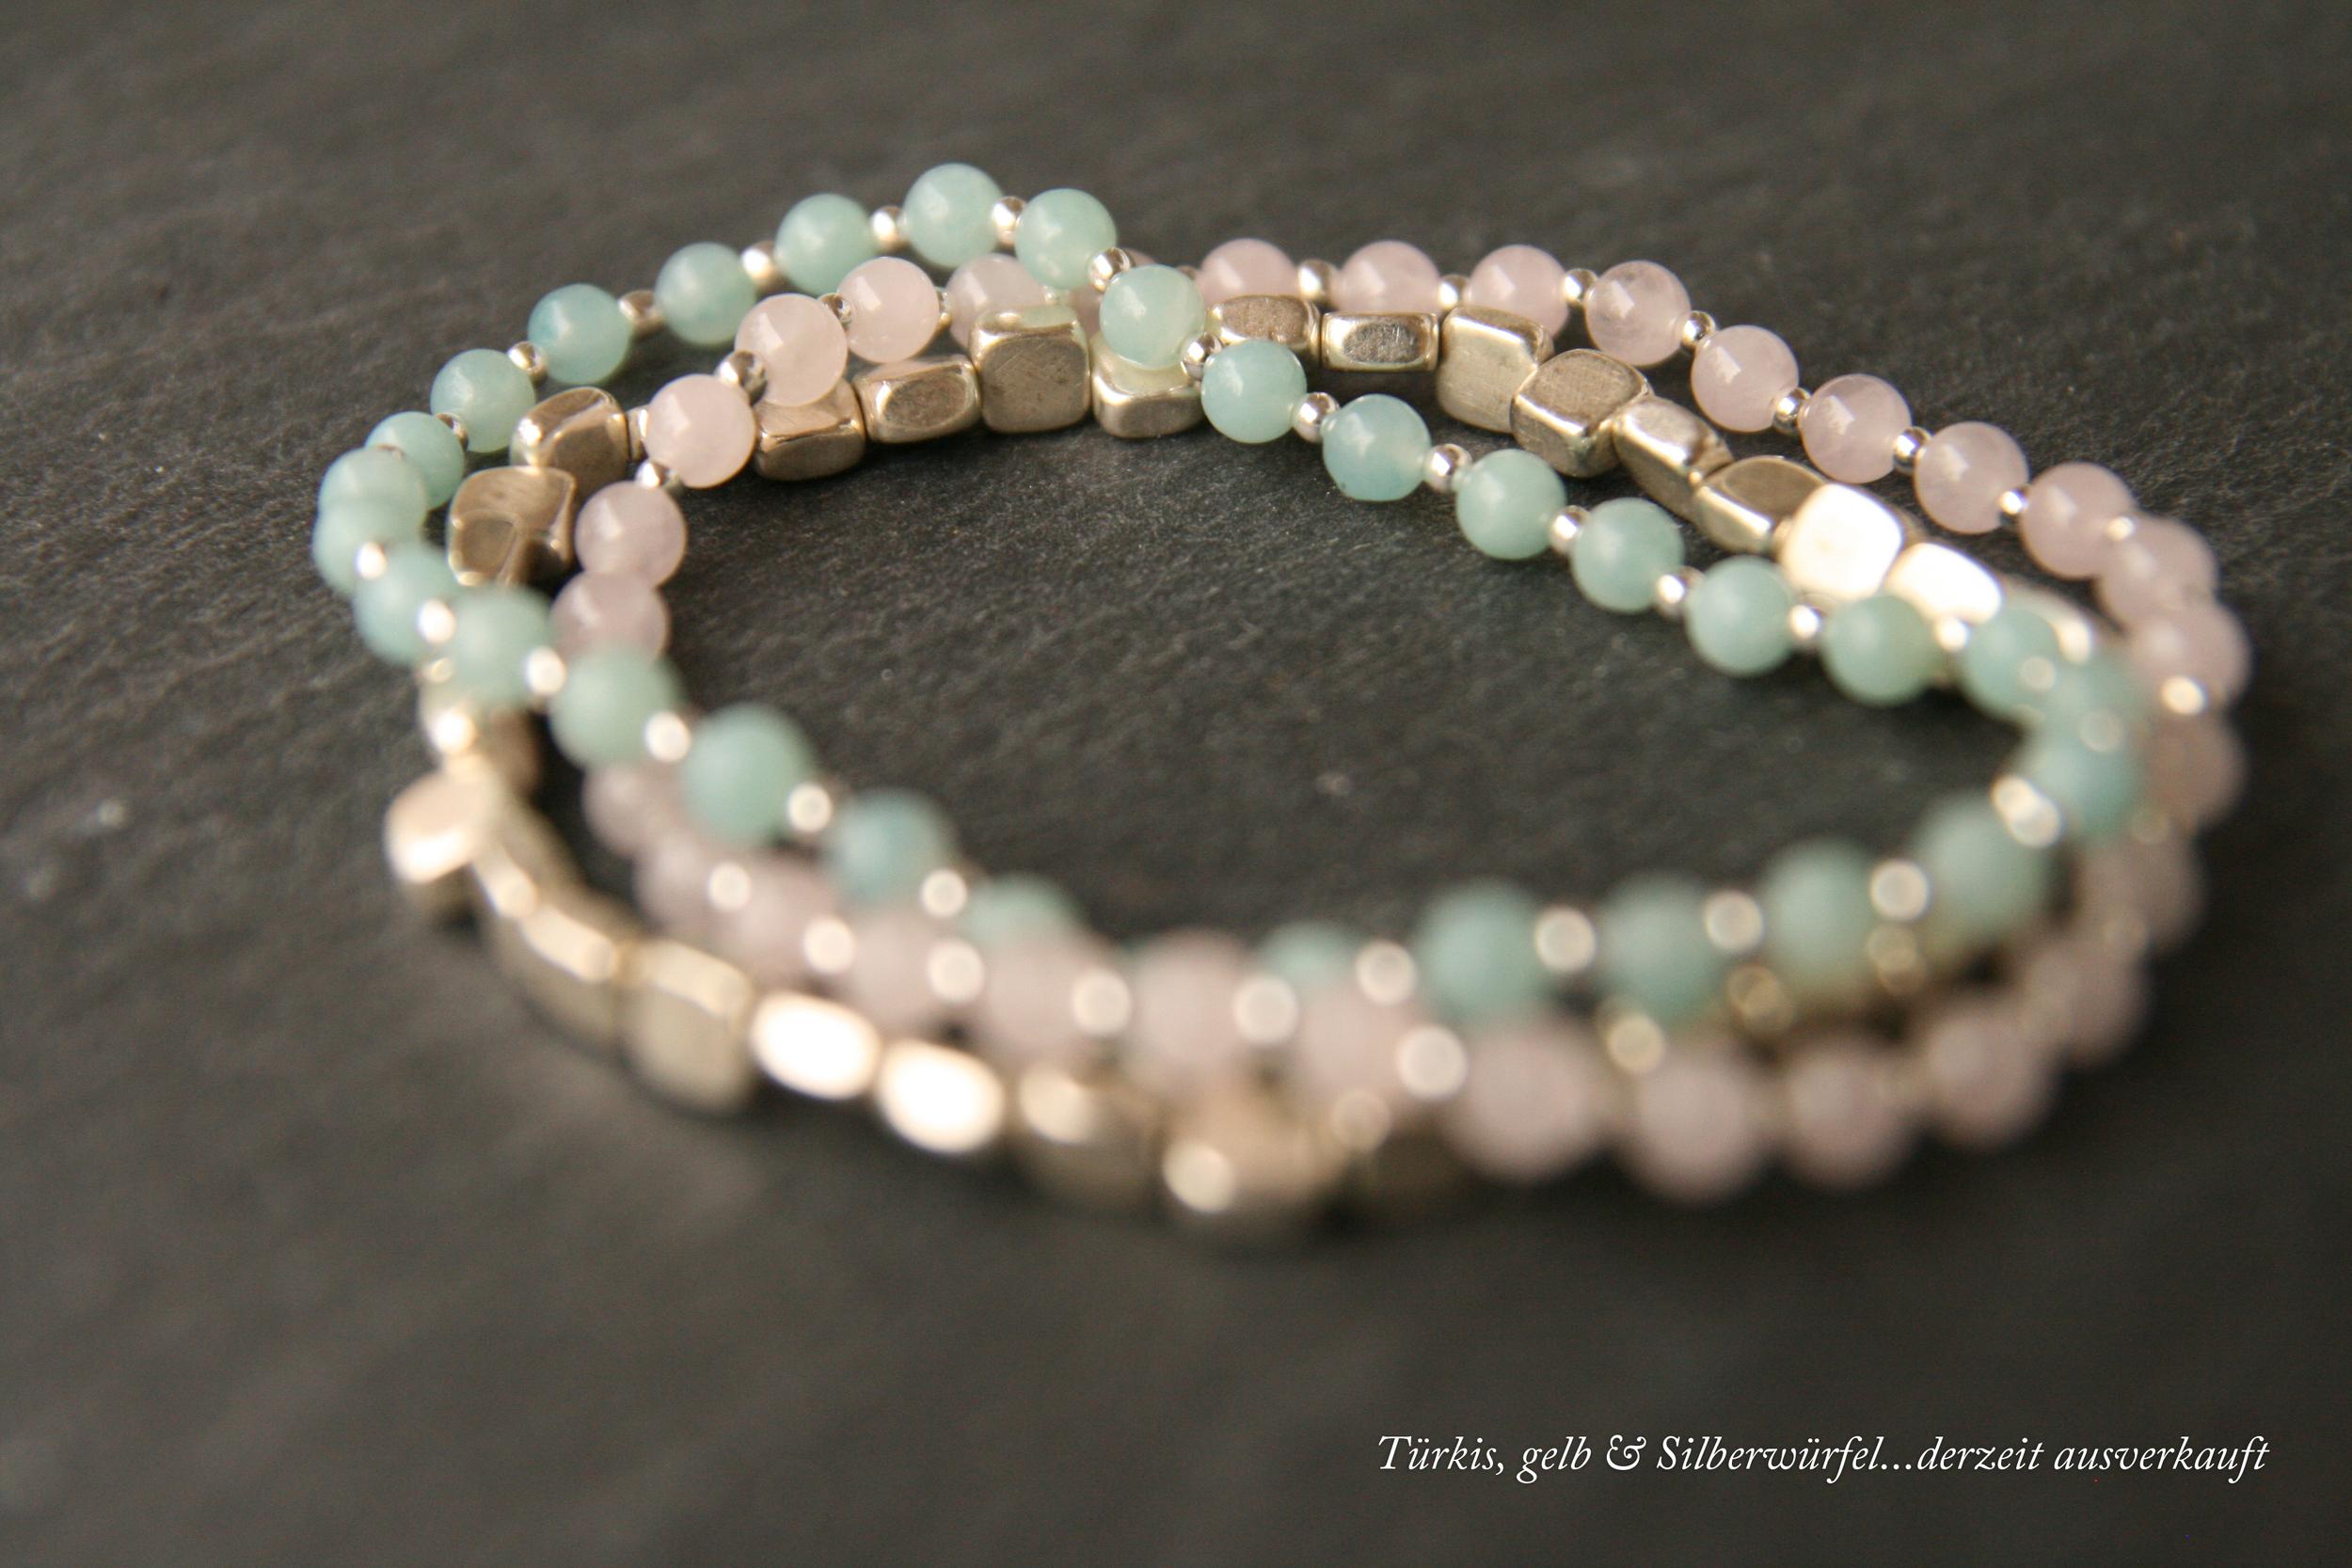 SUMMERTIME  Zarte Halbedelsteinbänder (in den Farben Türkis, Blau, Rosa, Gelb und Schwarz) mit versilberten Perlen. Bänder aus kleinen Würfel (Blech versilbert/Messing). Würfelgröße ca. 3x5mm.  25€   BESTELLEN >>